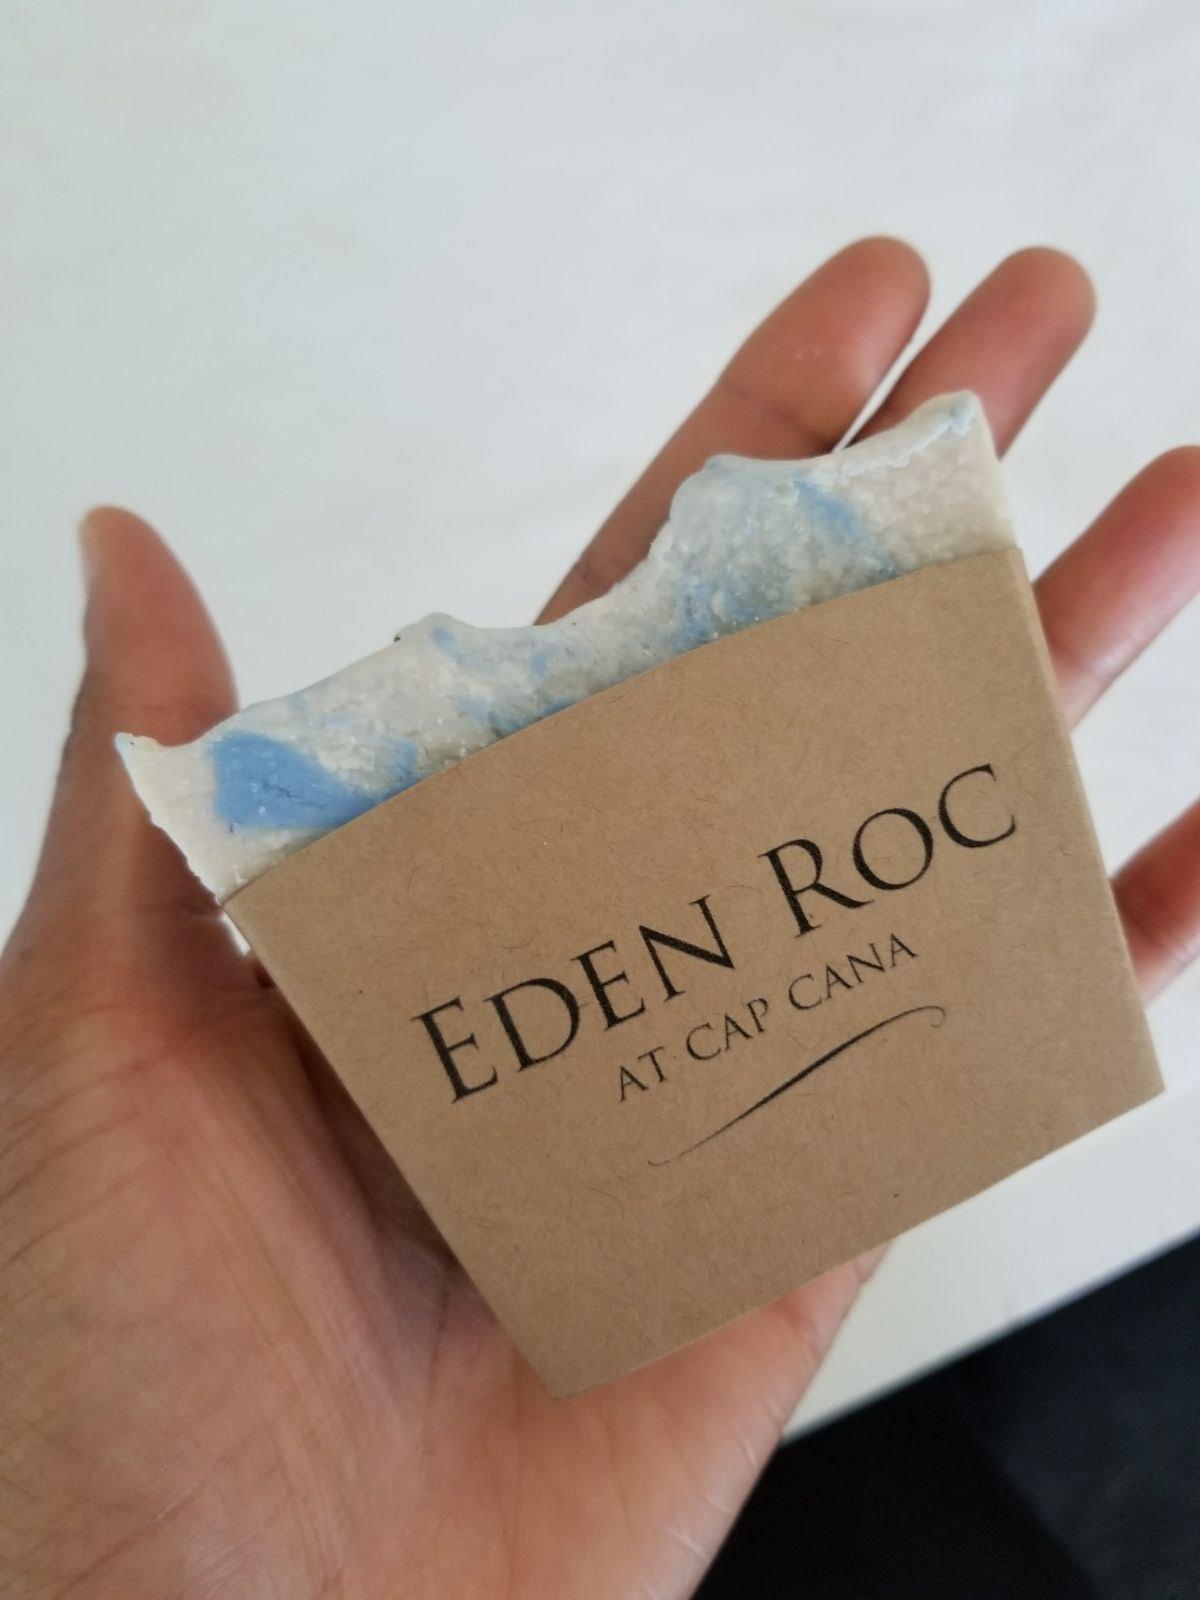 Eden Roc 2018.jpg